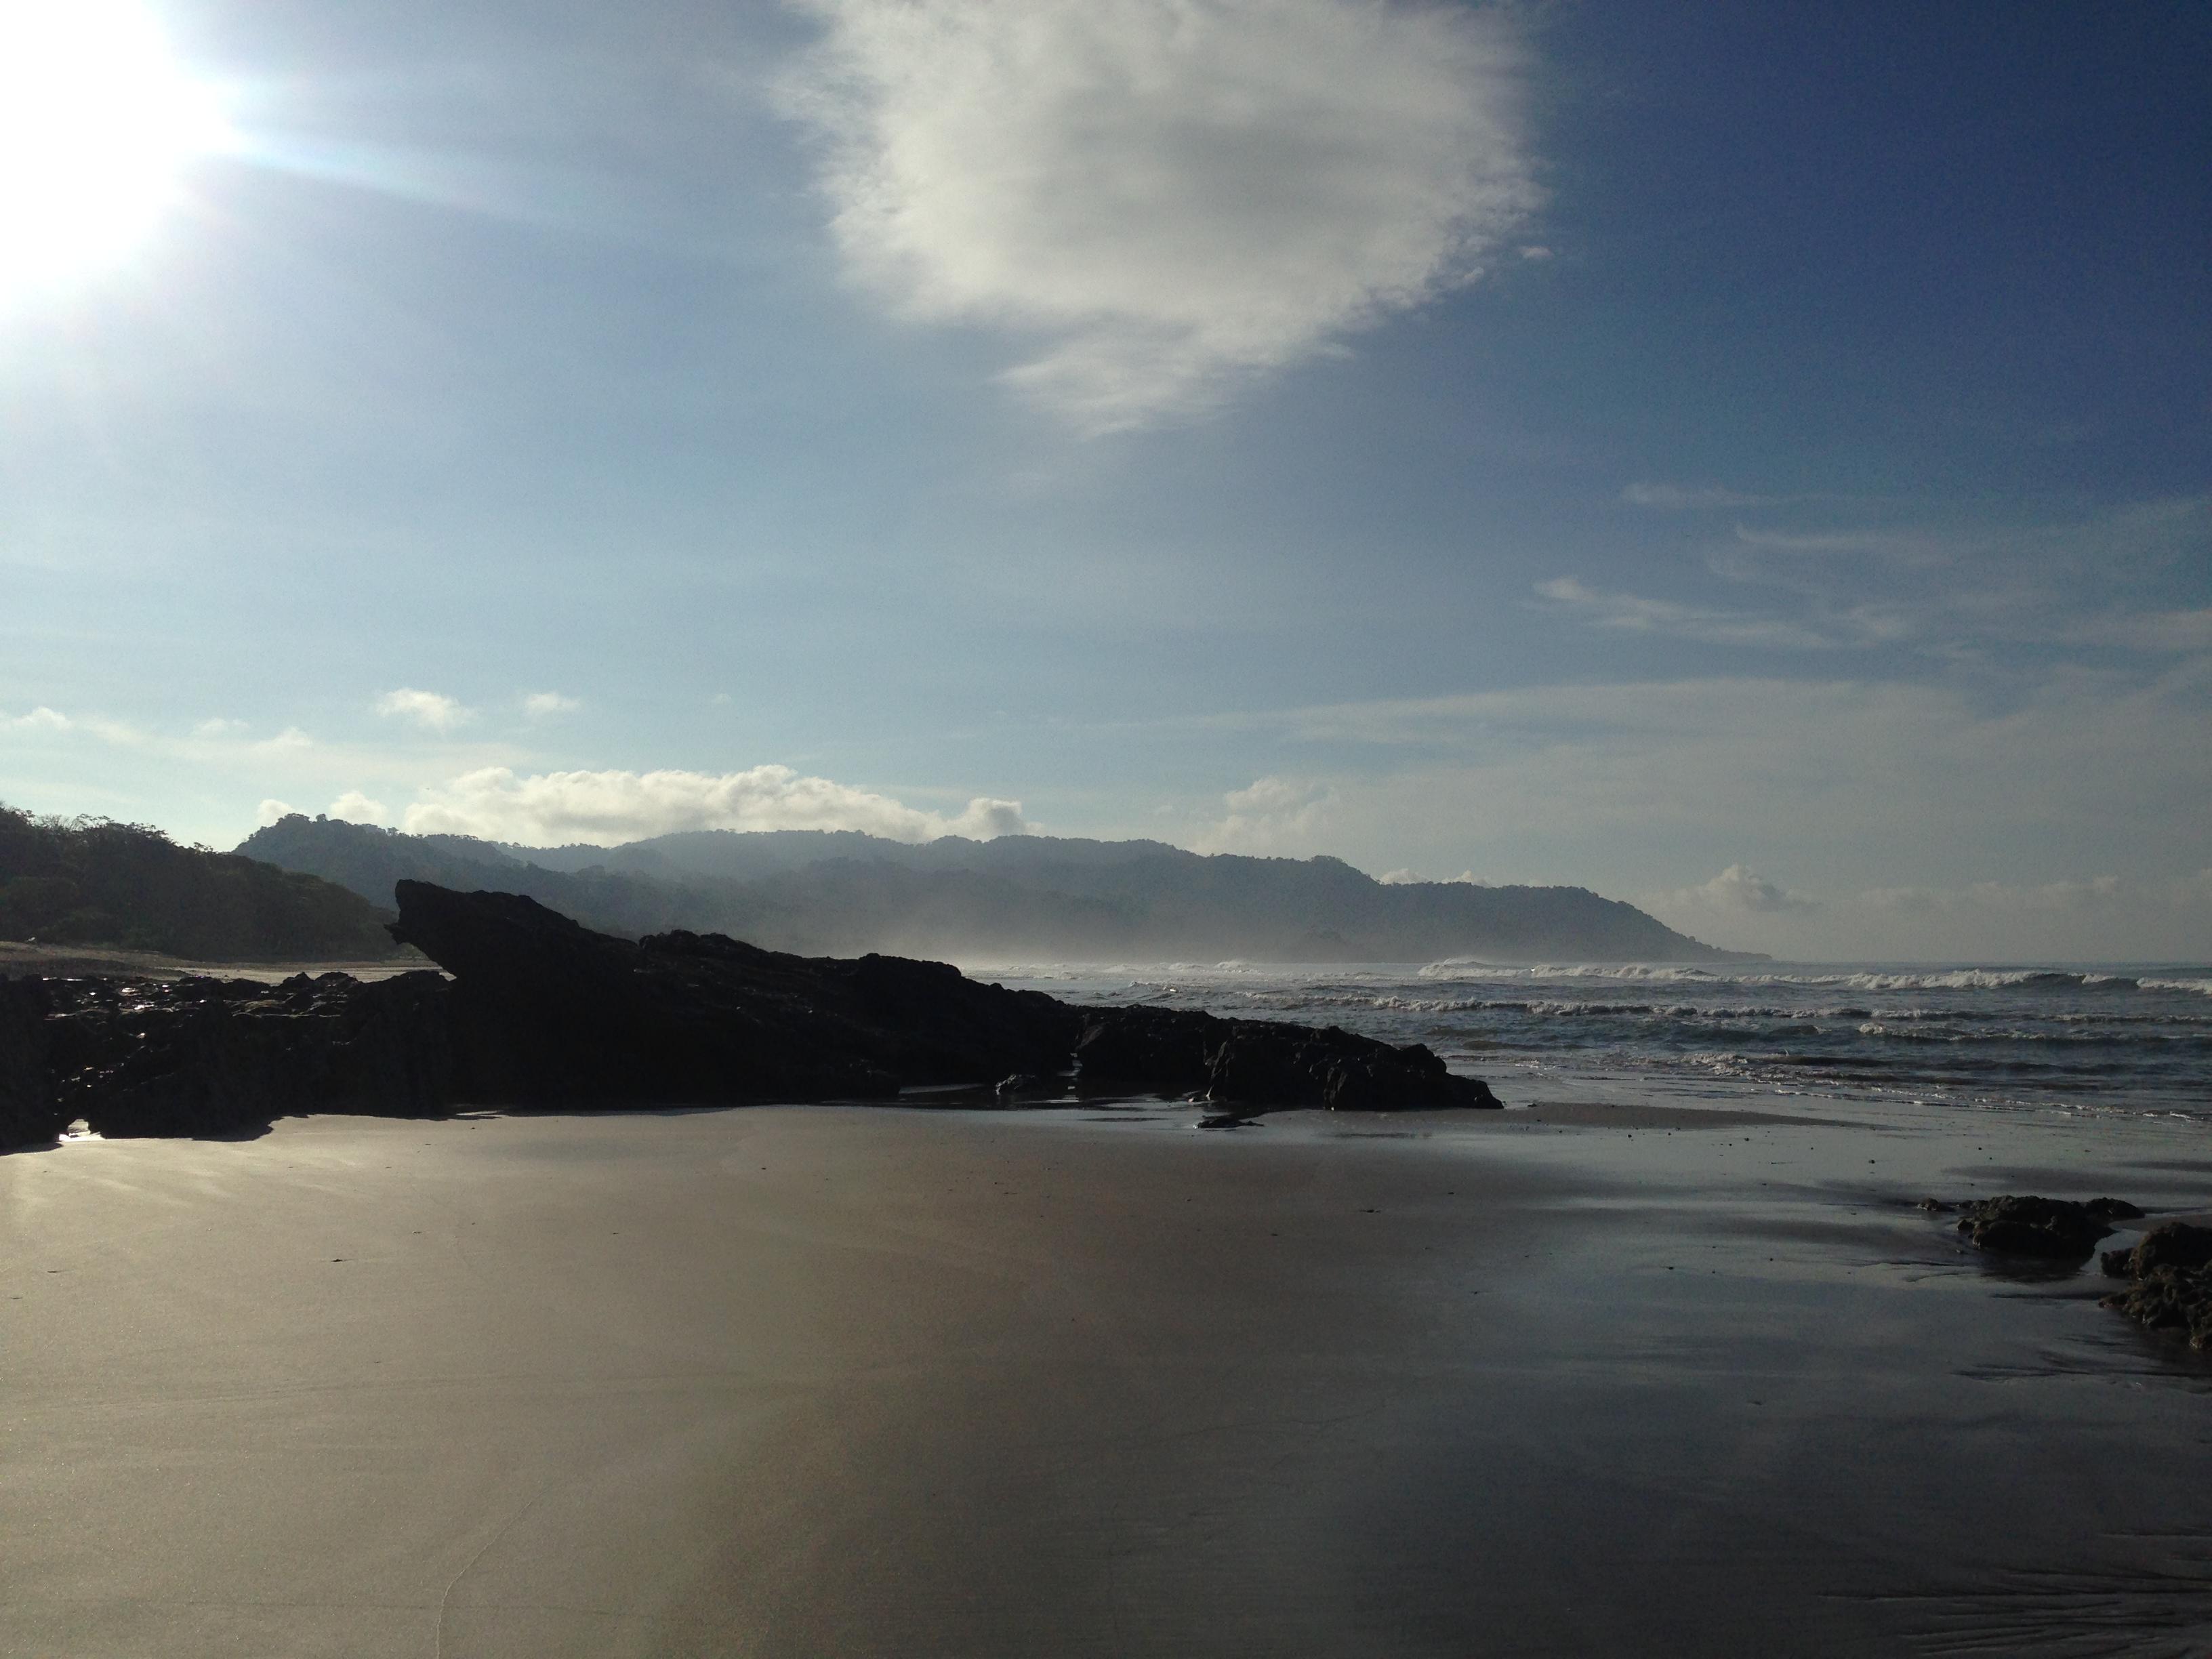 costa_rica_santa_teresa_leer_surfen_goedkoop_vakantie_op_reis_reizen_zonvakantie_strand